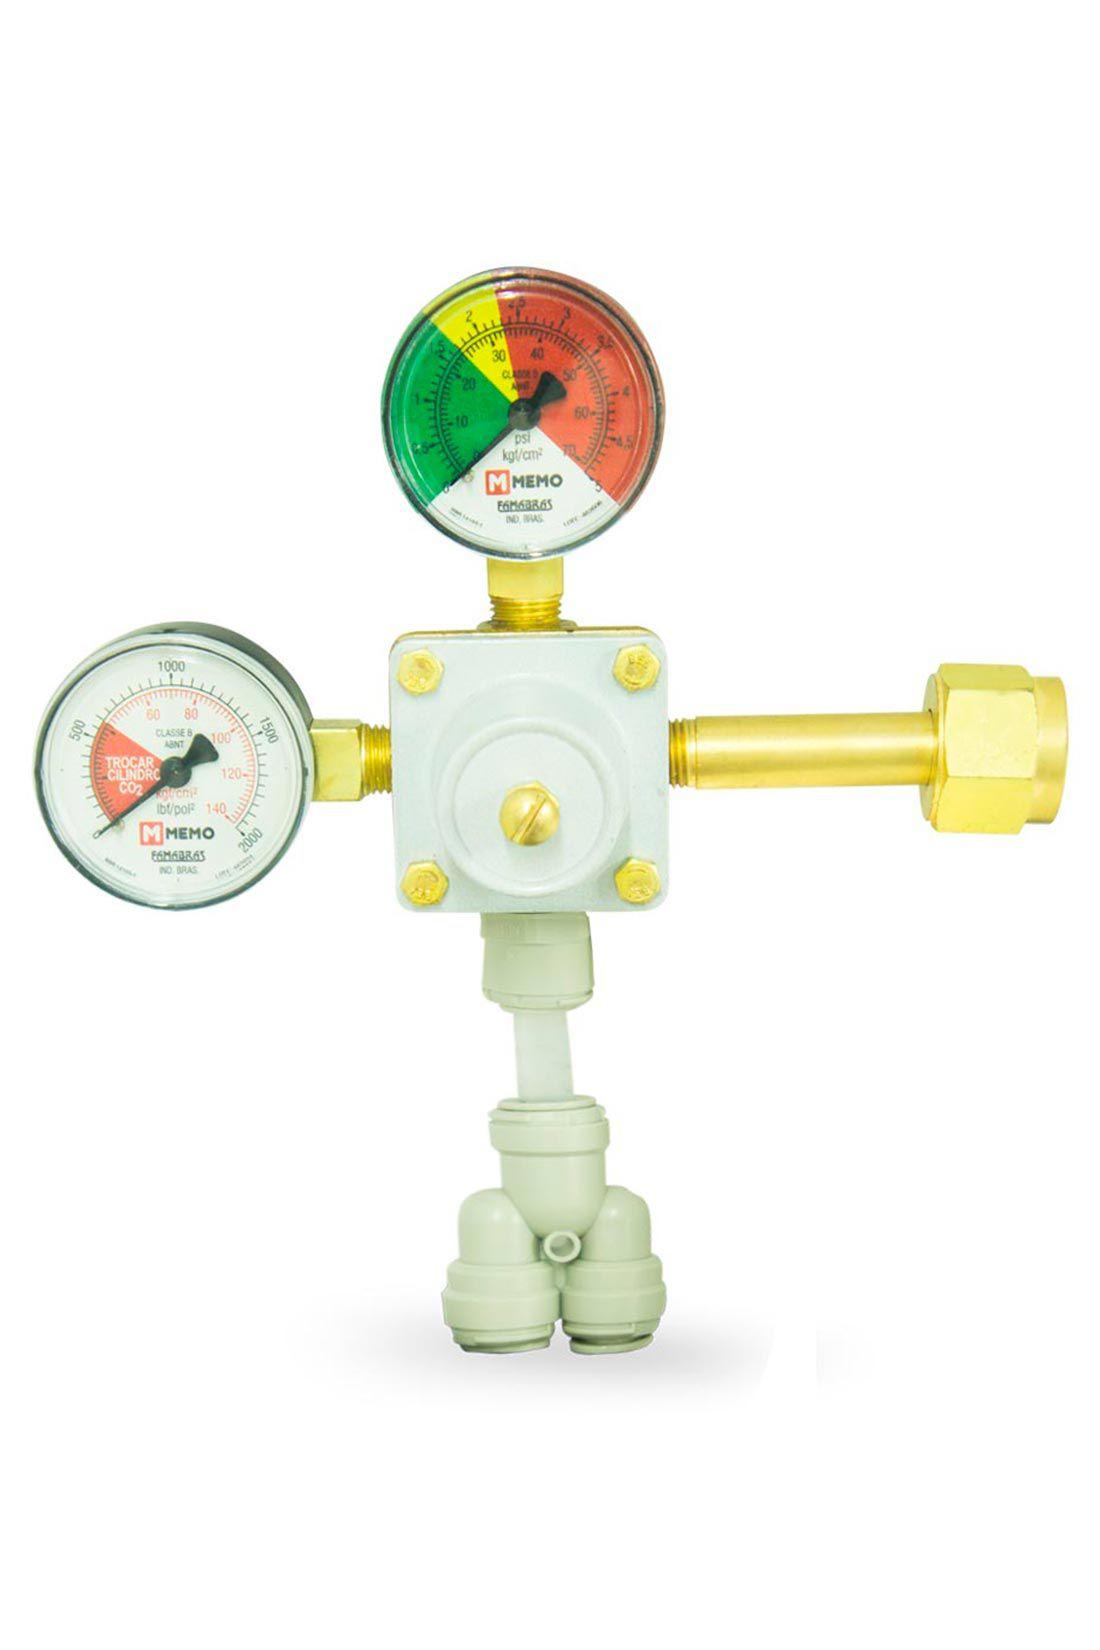 Válvula Redutora de Pressão com Manômetro e Engate Rápido de 2 Saídas